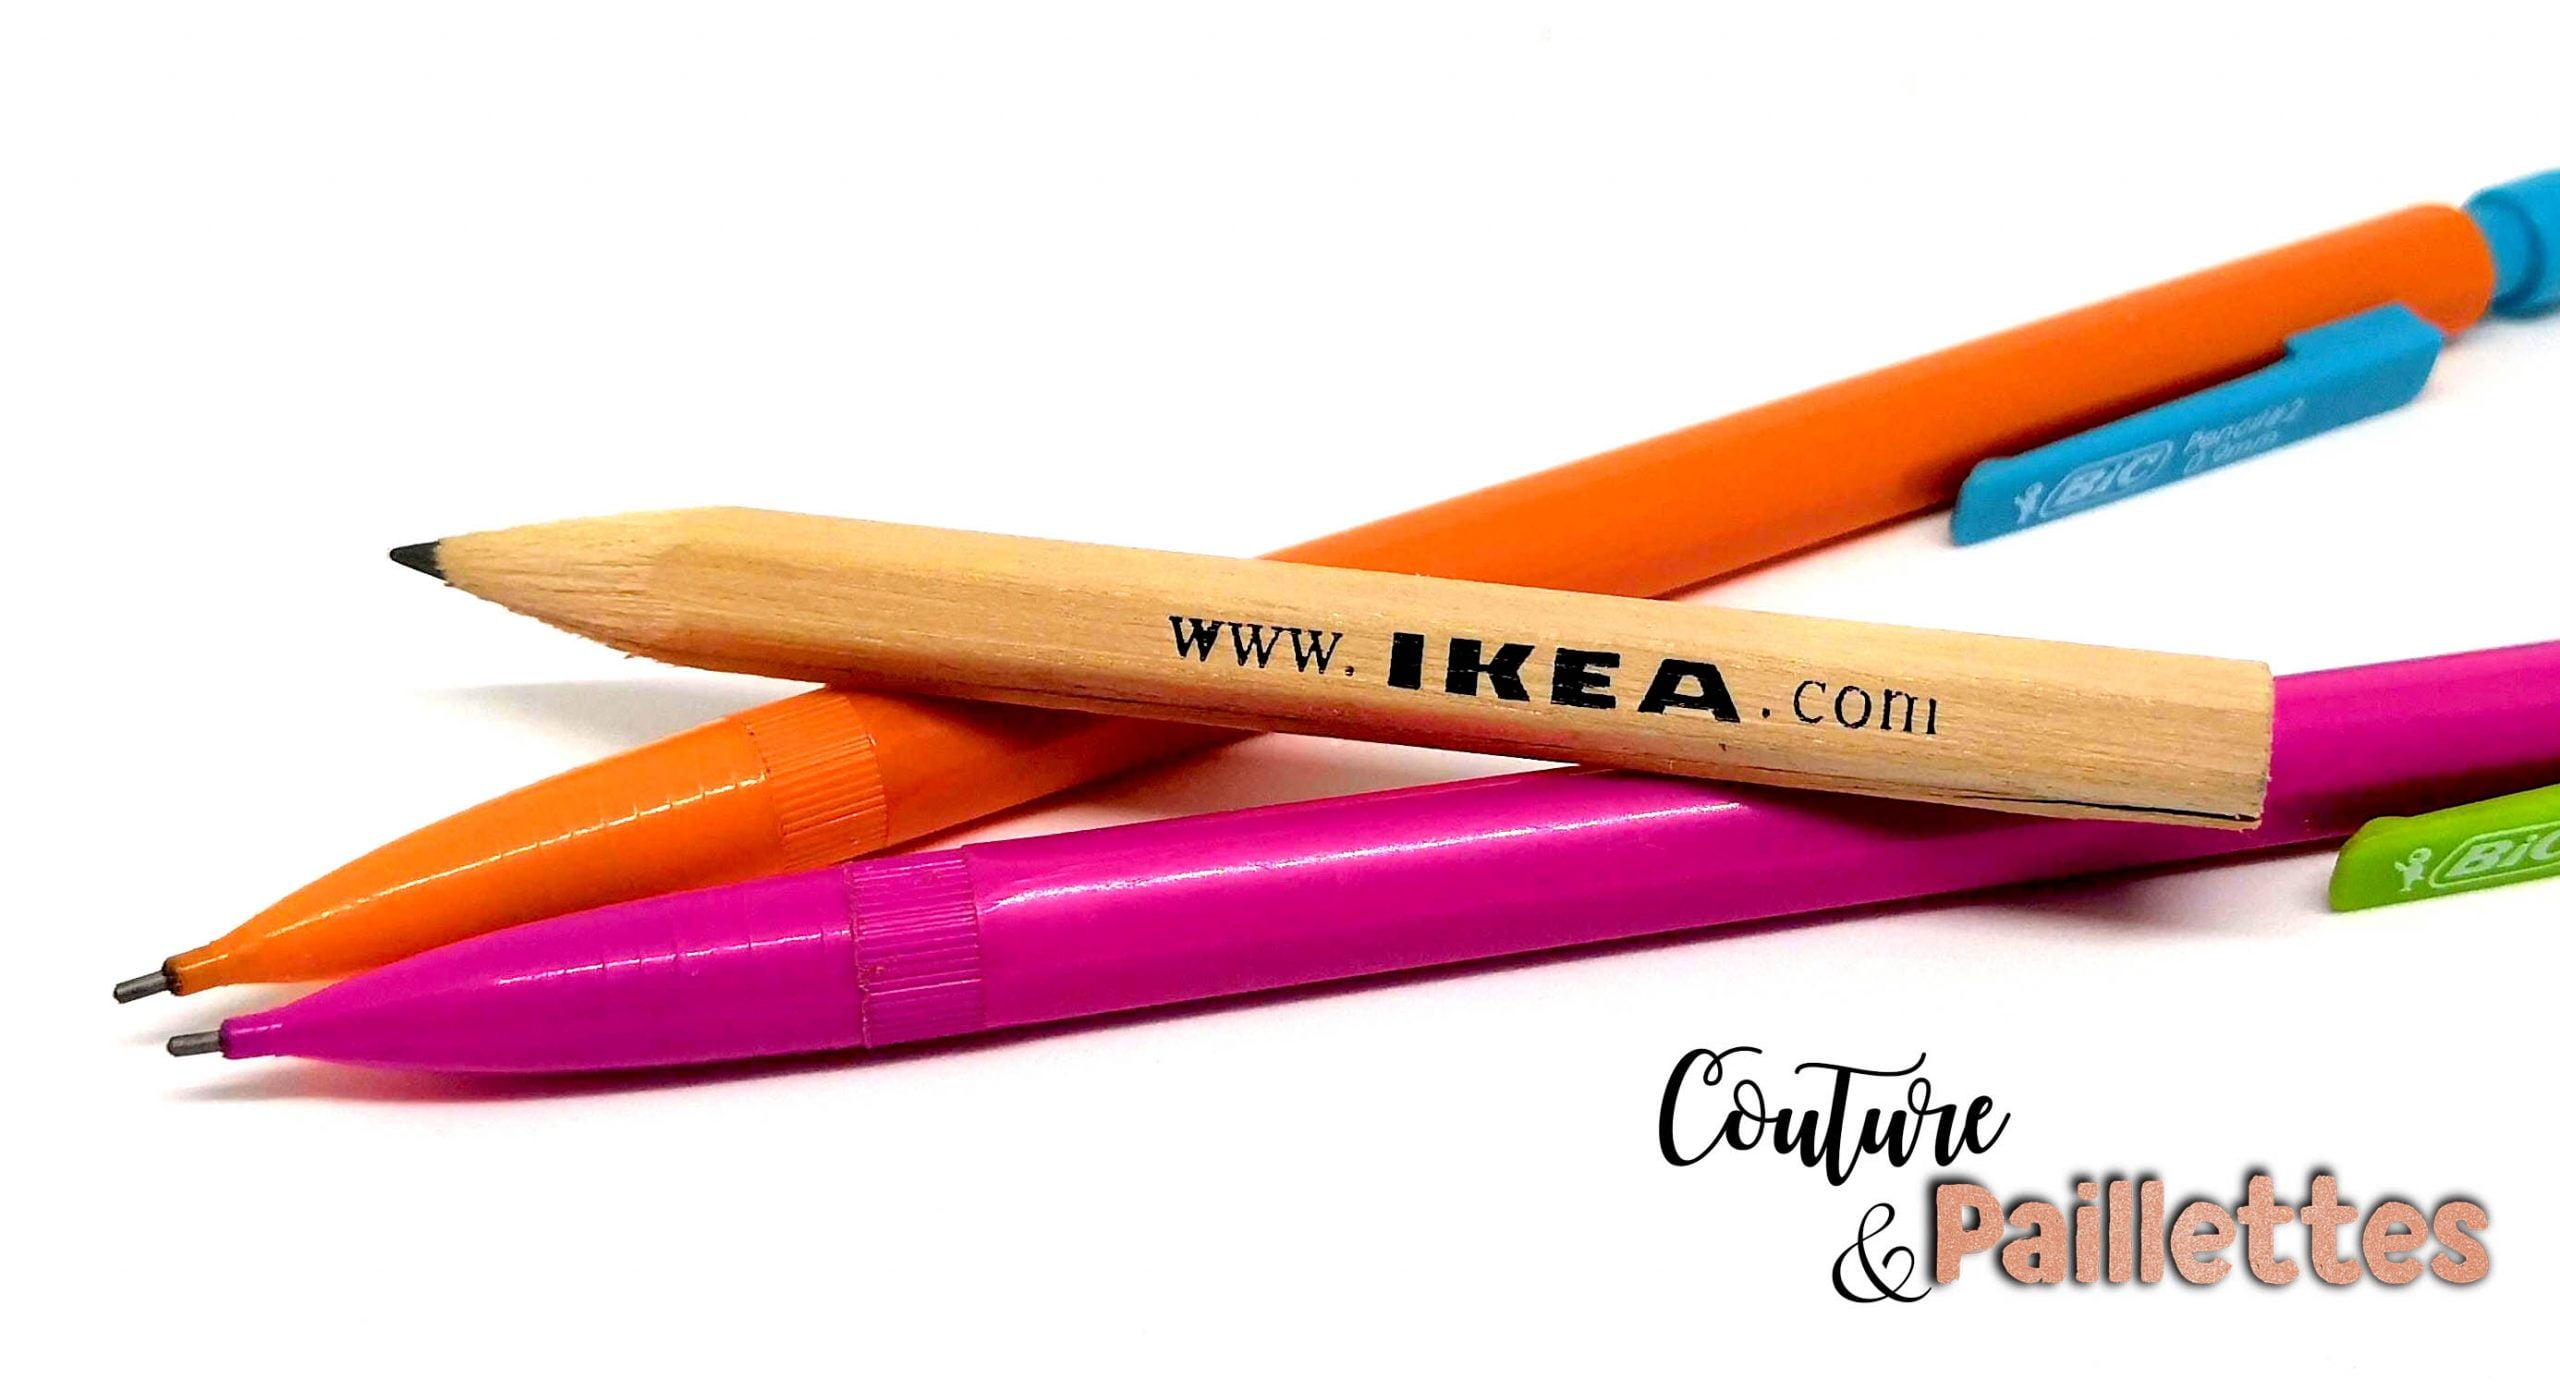 couture-crayon